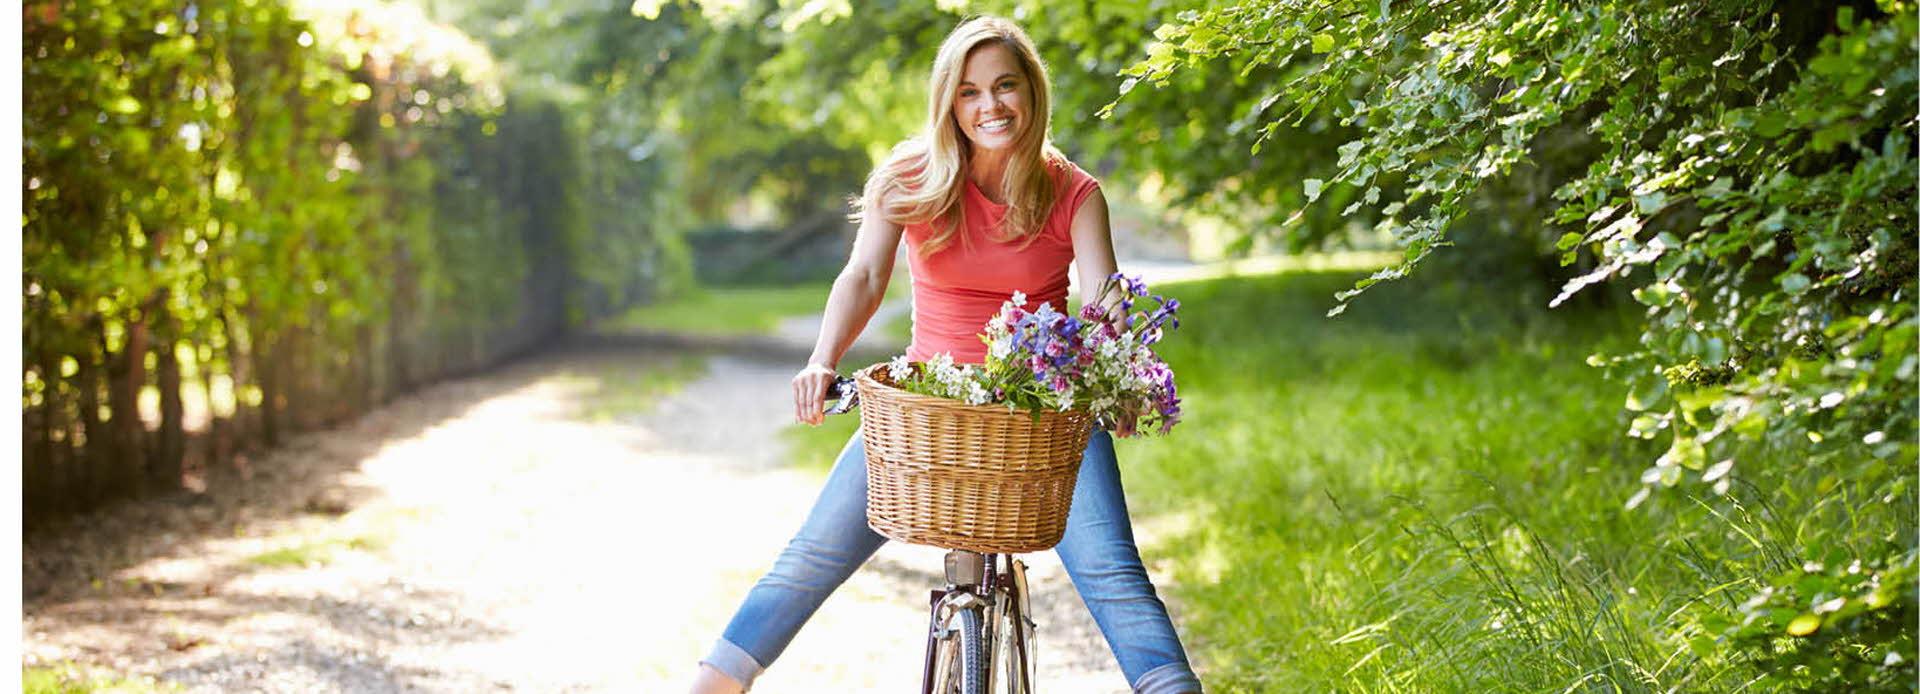 Sommer og sykkel